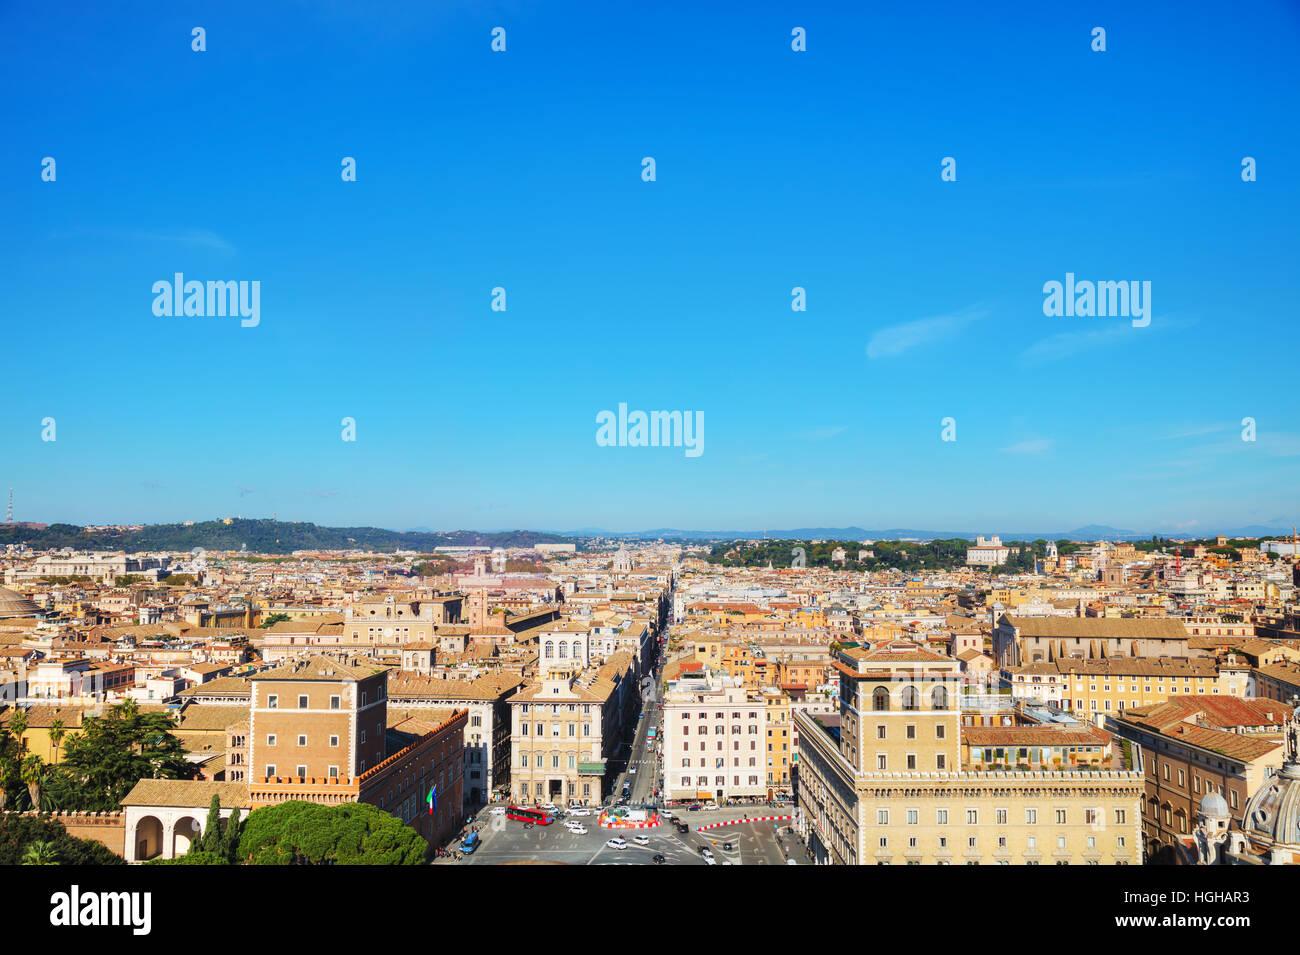 Rom-Luftaufnahme mit Piazza Venezia an einem sonnigen Tag Stockbild